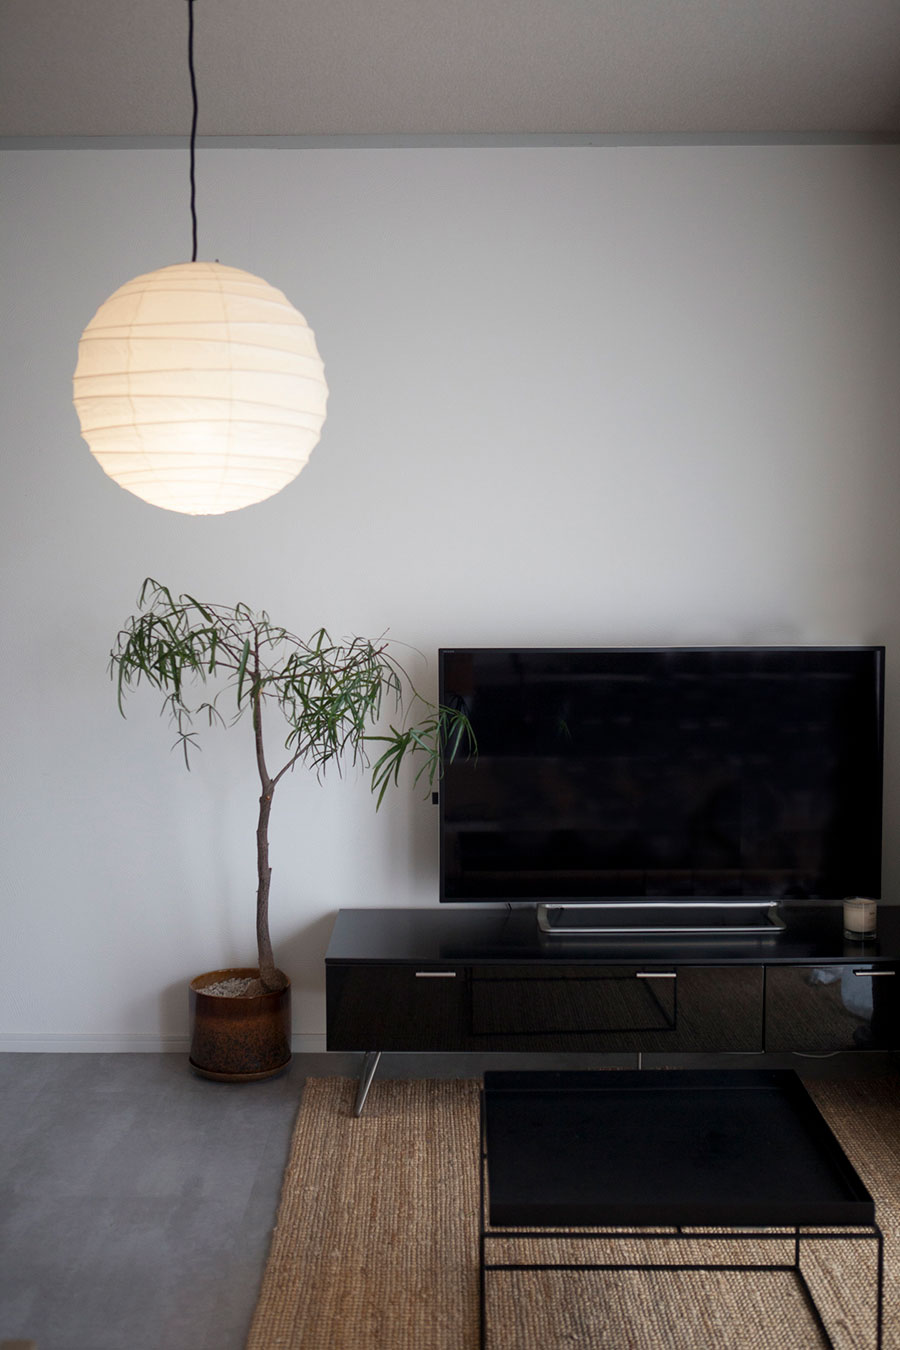 シャープでモダンなデンマーク家具に、照明にはイサム・ノグチを合わせて。観葉植物はボトルツリー。